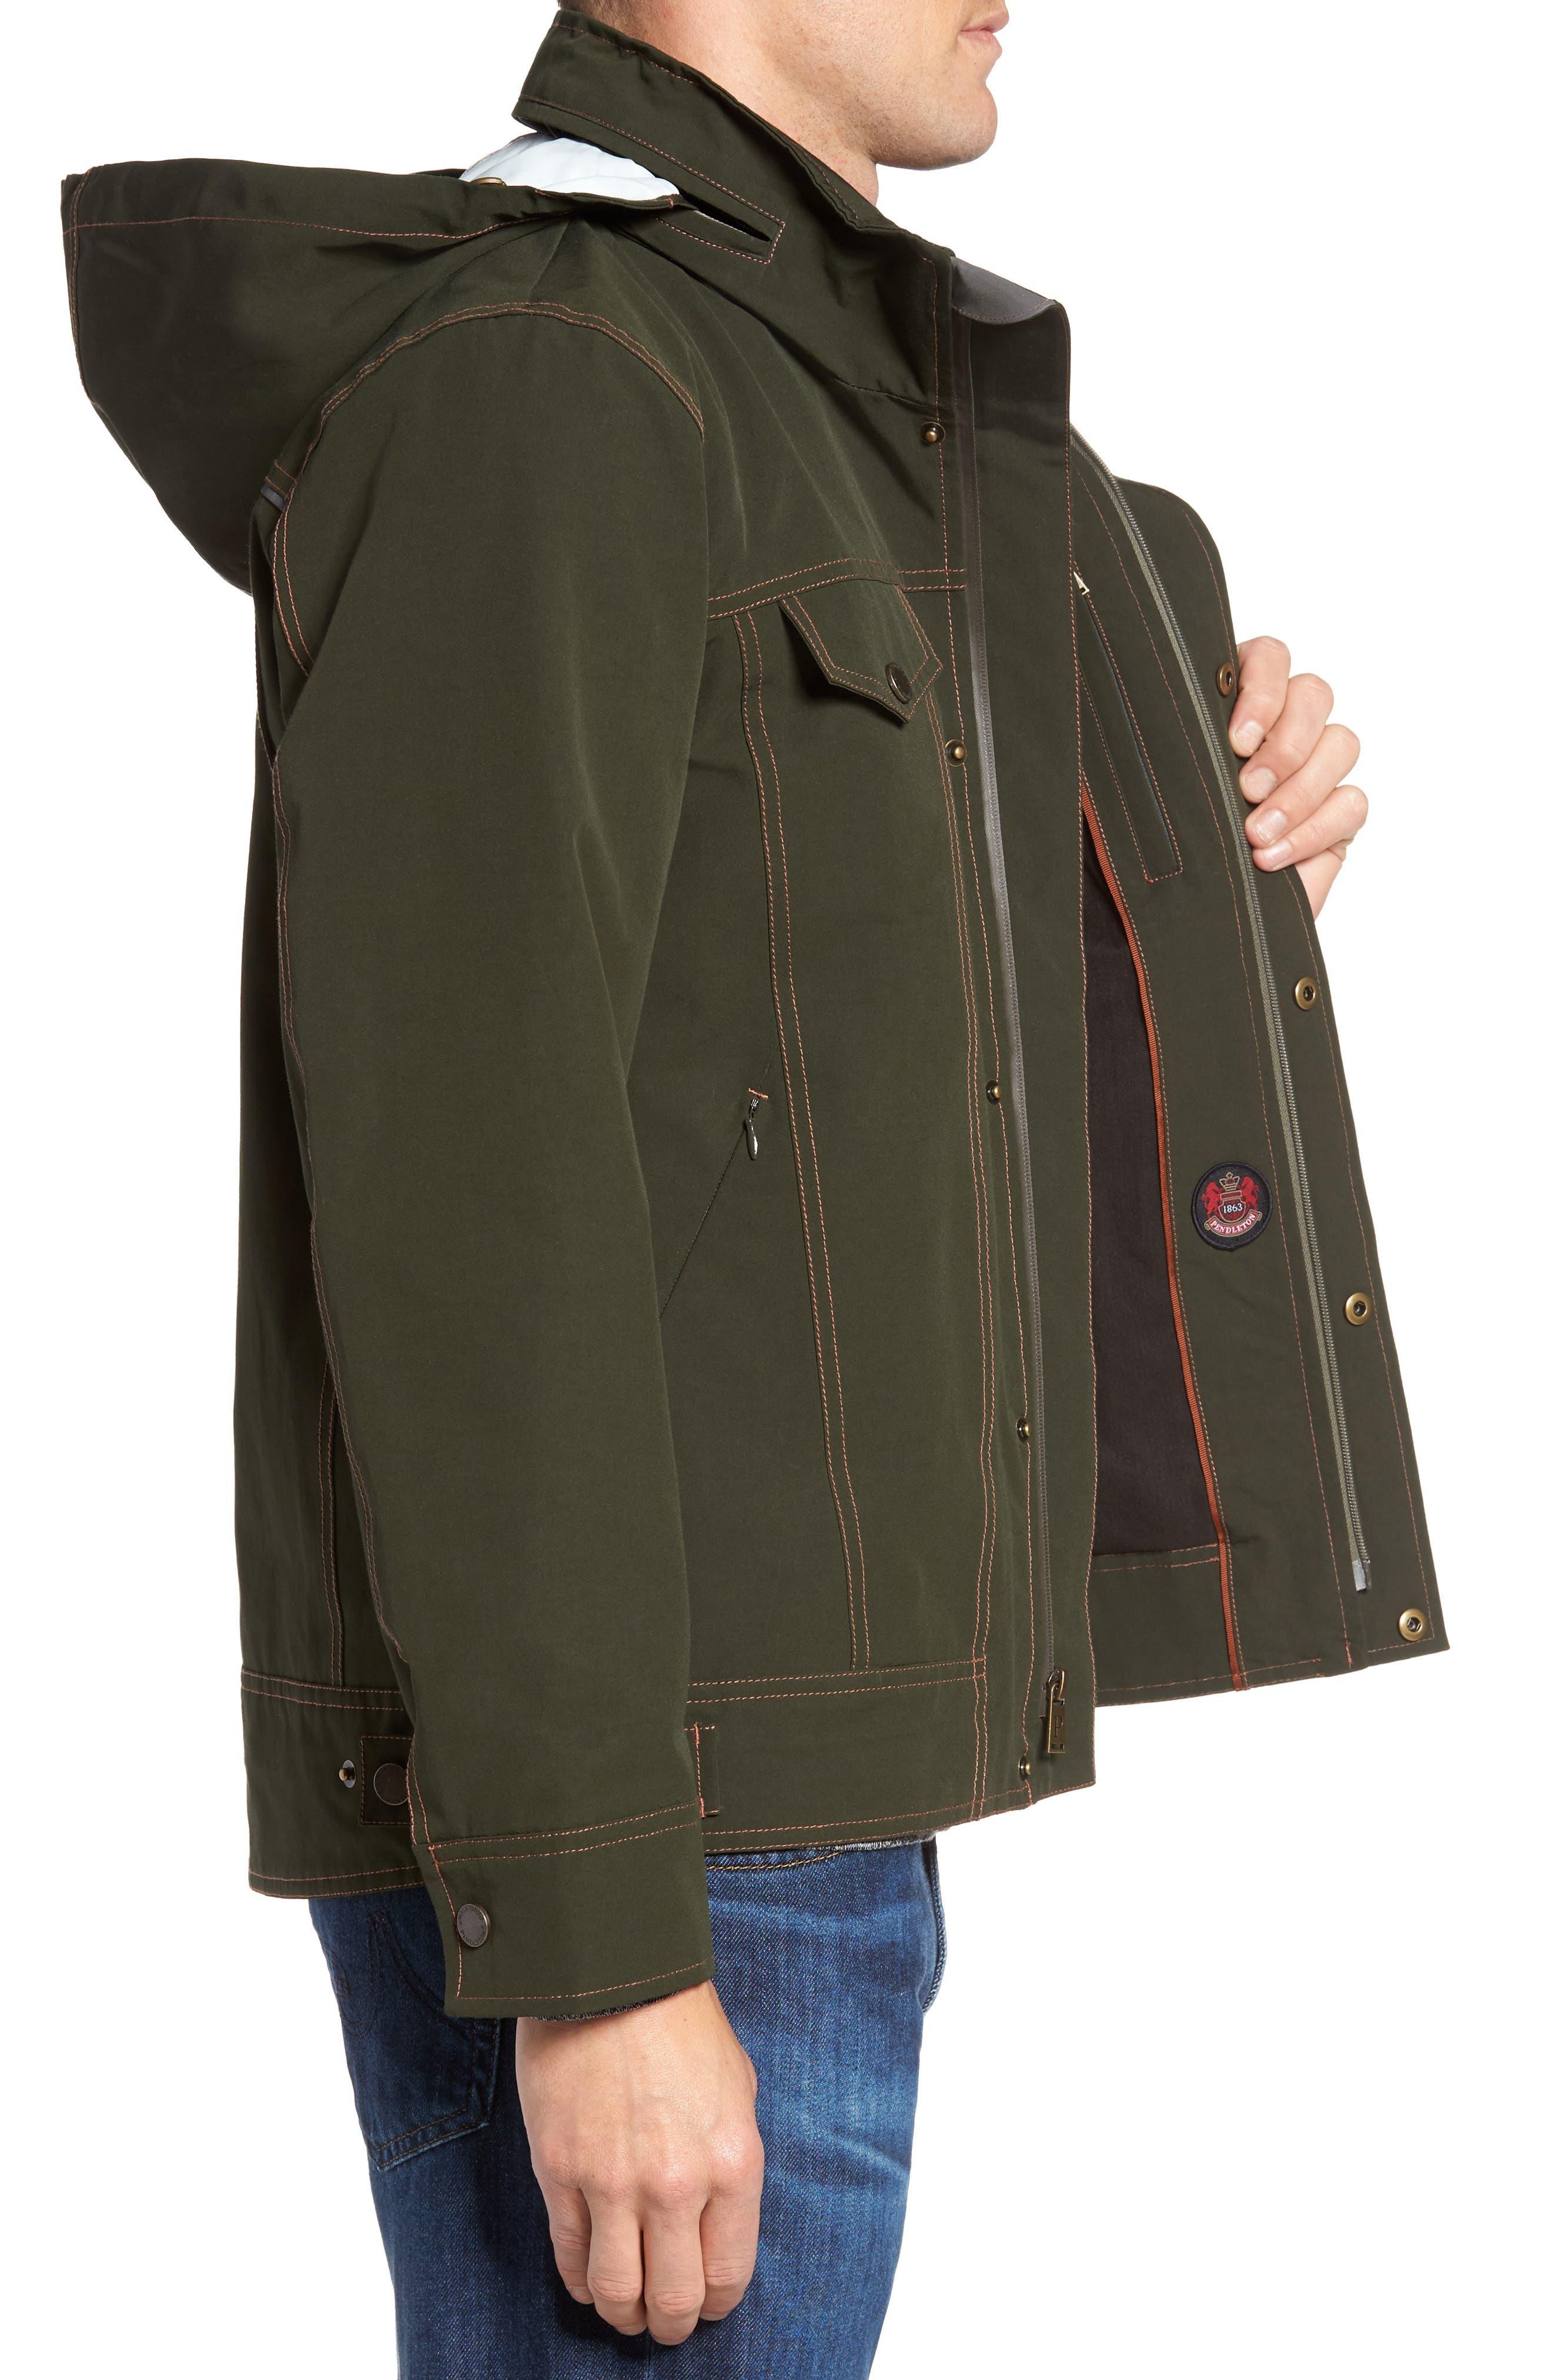 Forks Waterproof Jacket,                             Alternate thumbnail 3, color,                             Rosin